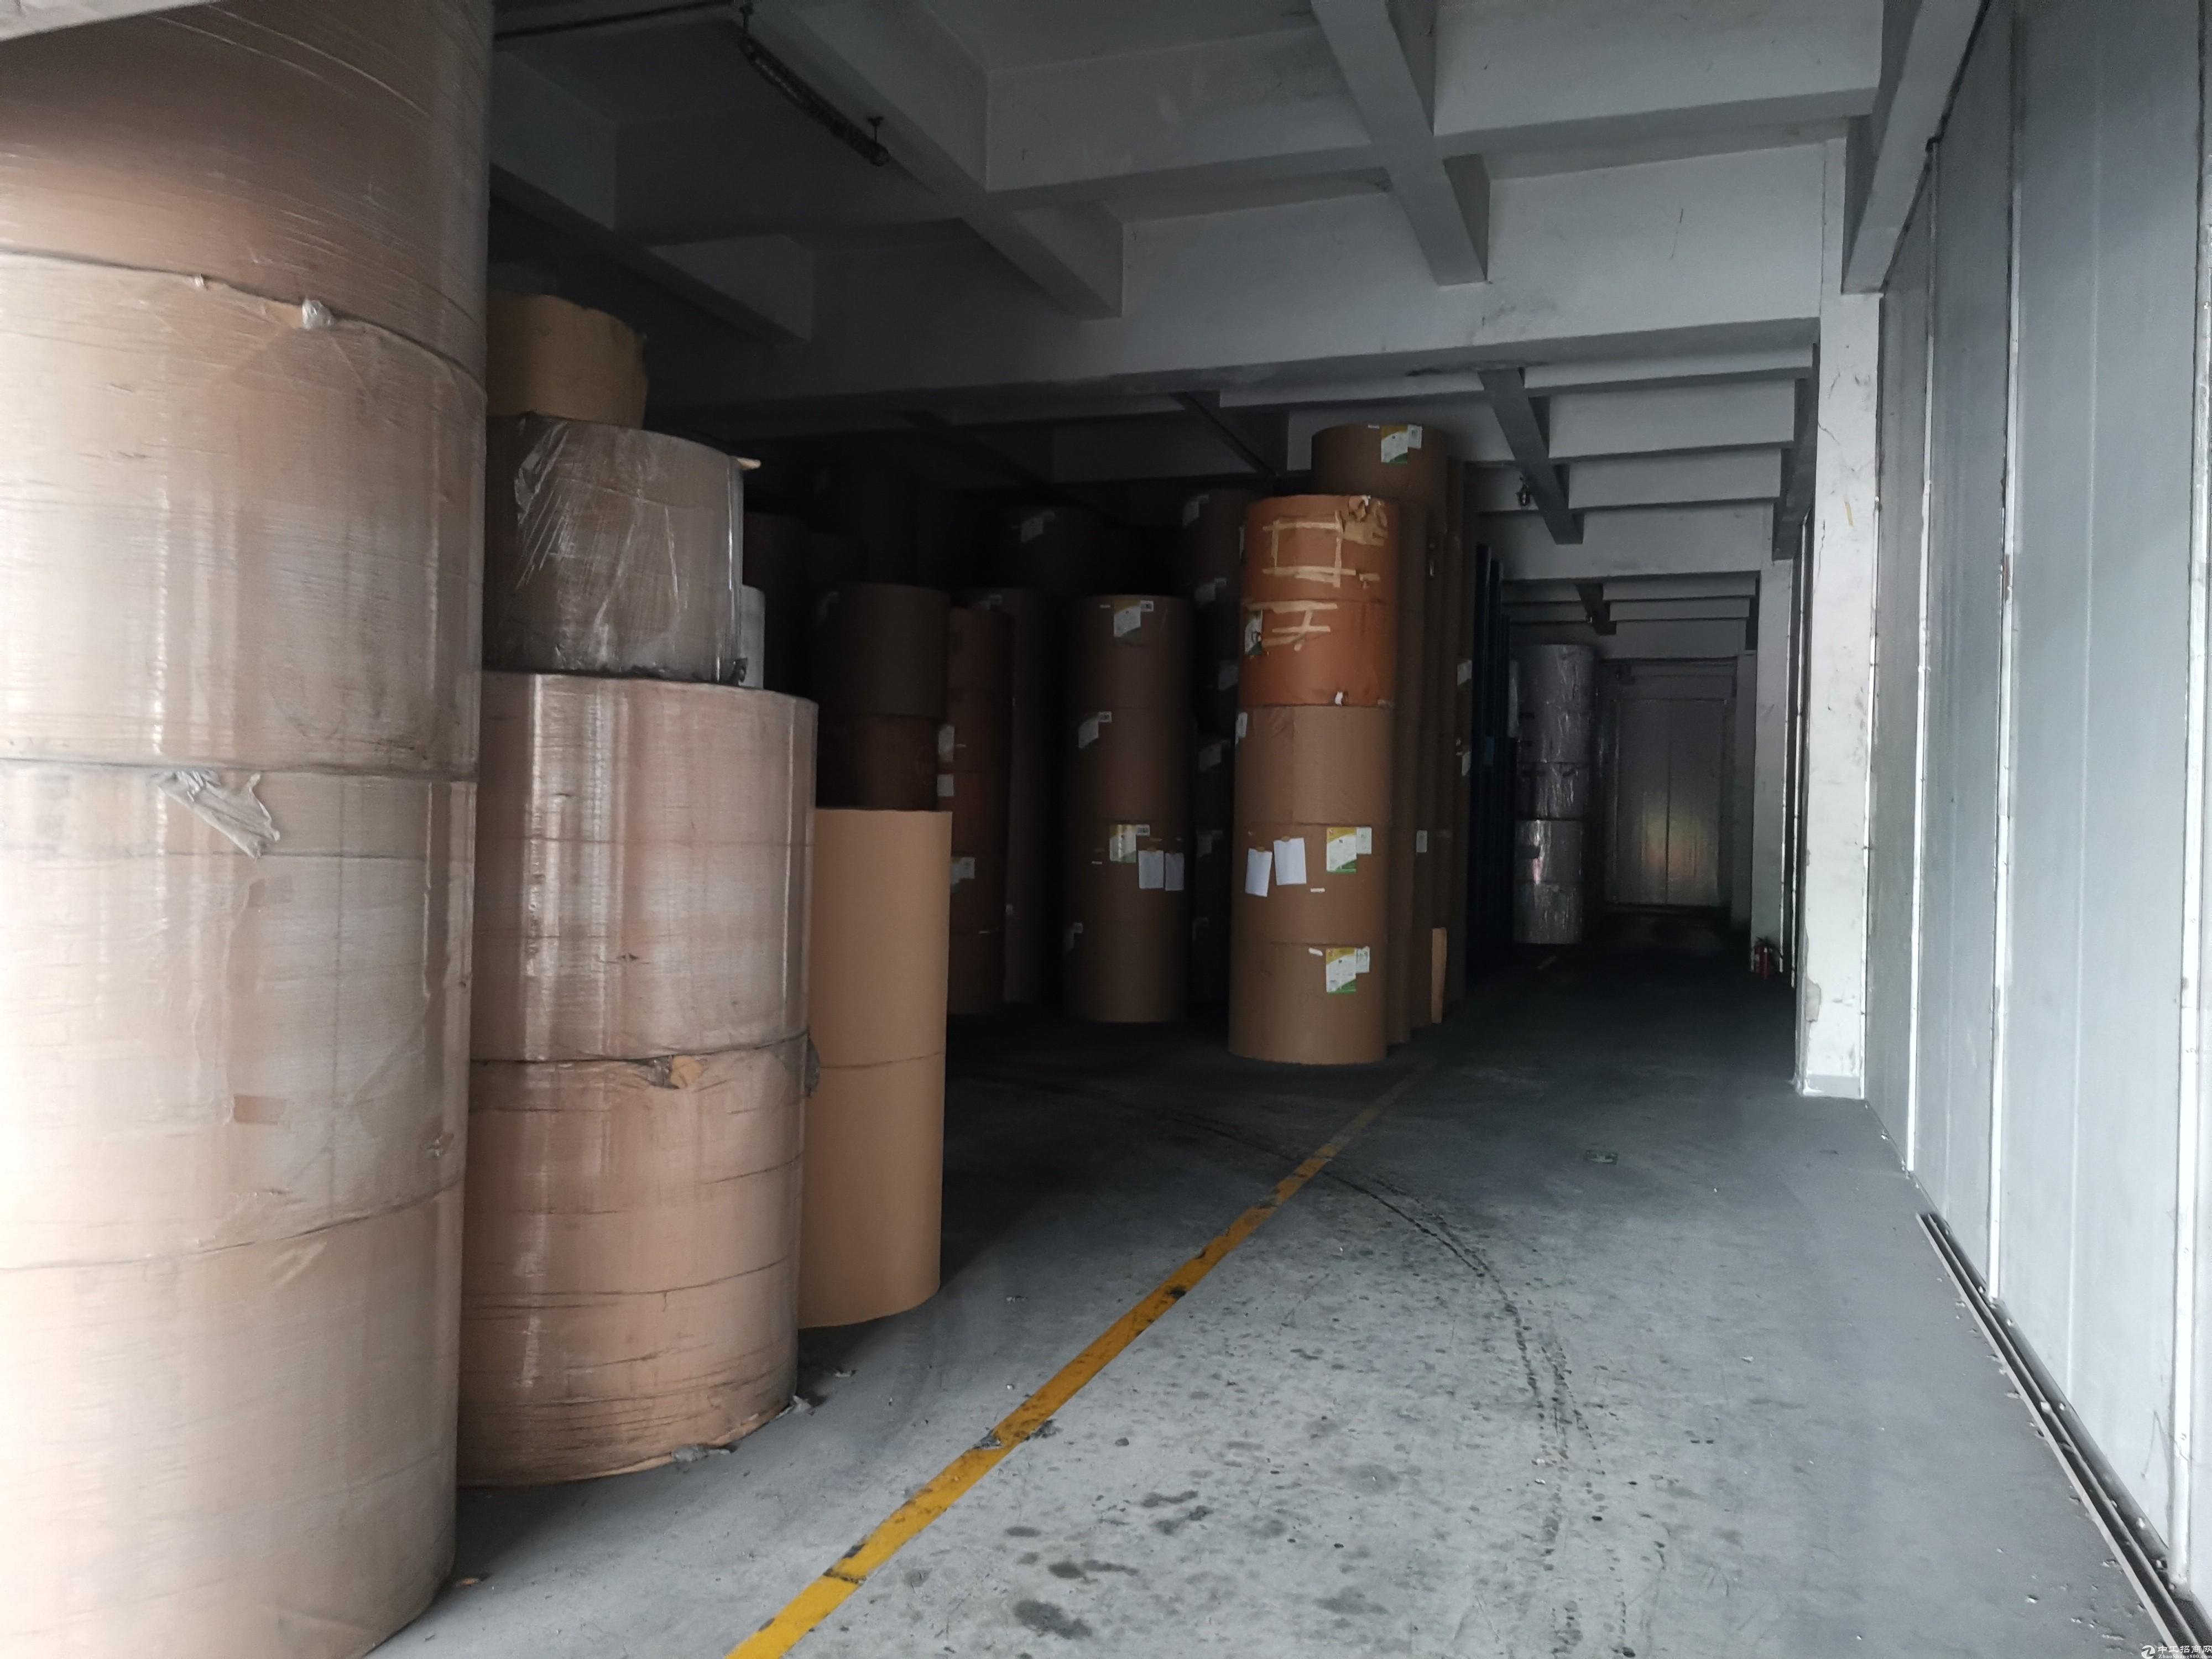 惠阳区大亚湾标准仓库2000平出租,可分租,空地大,交通便利